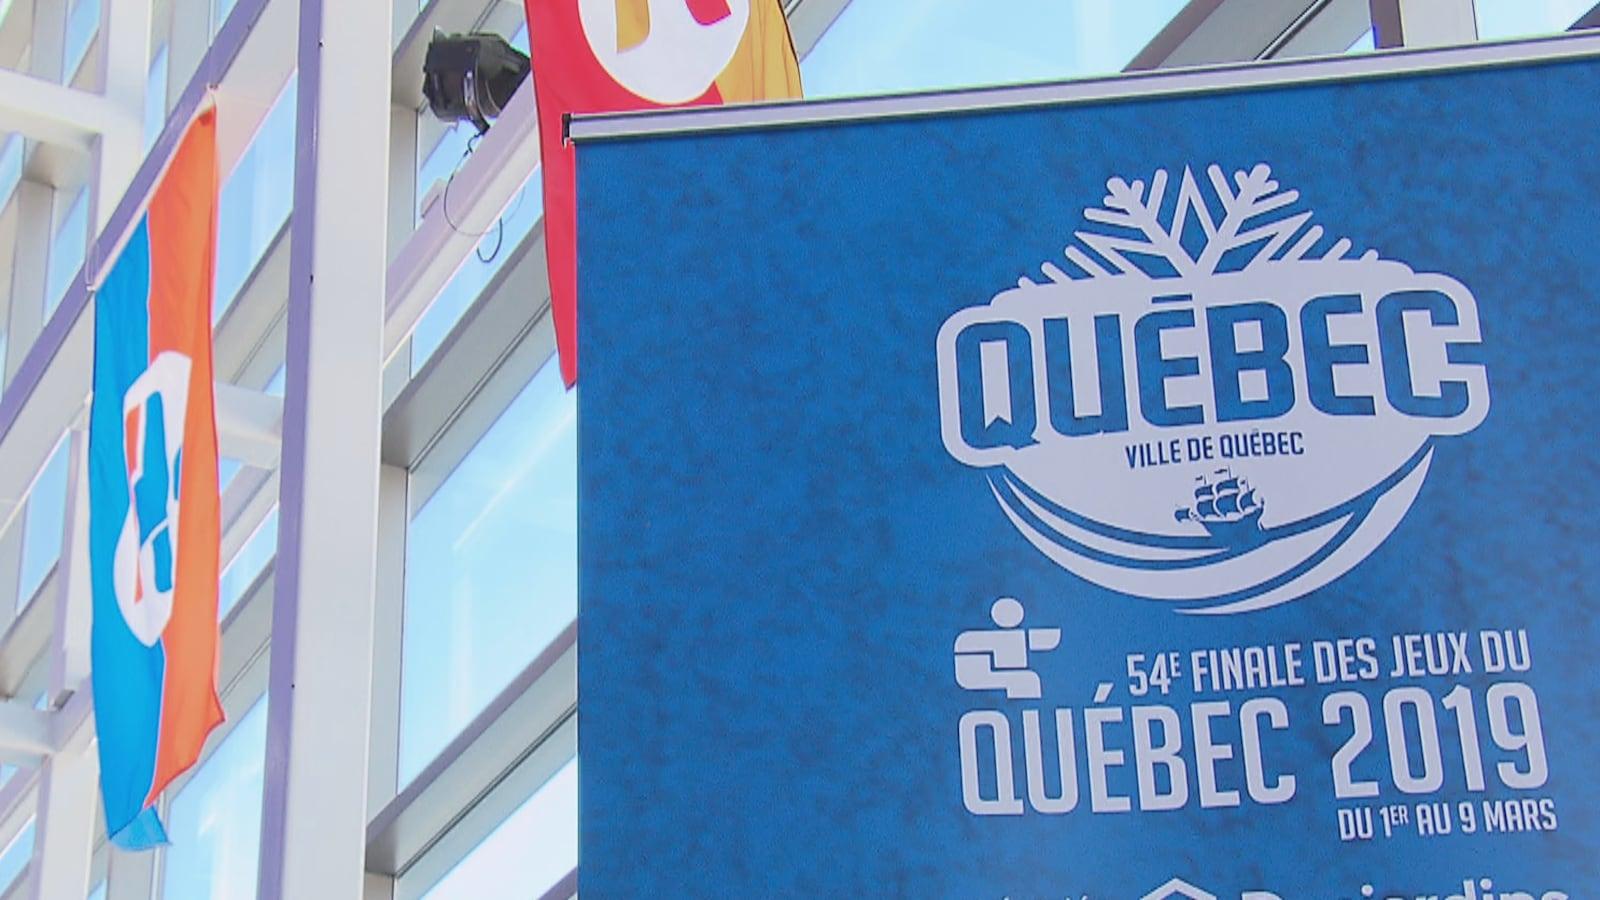 Une banderole de la 54e finale des Jeux du Québec à Québec en mars 2019